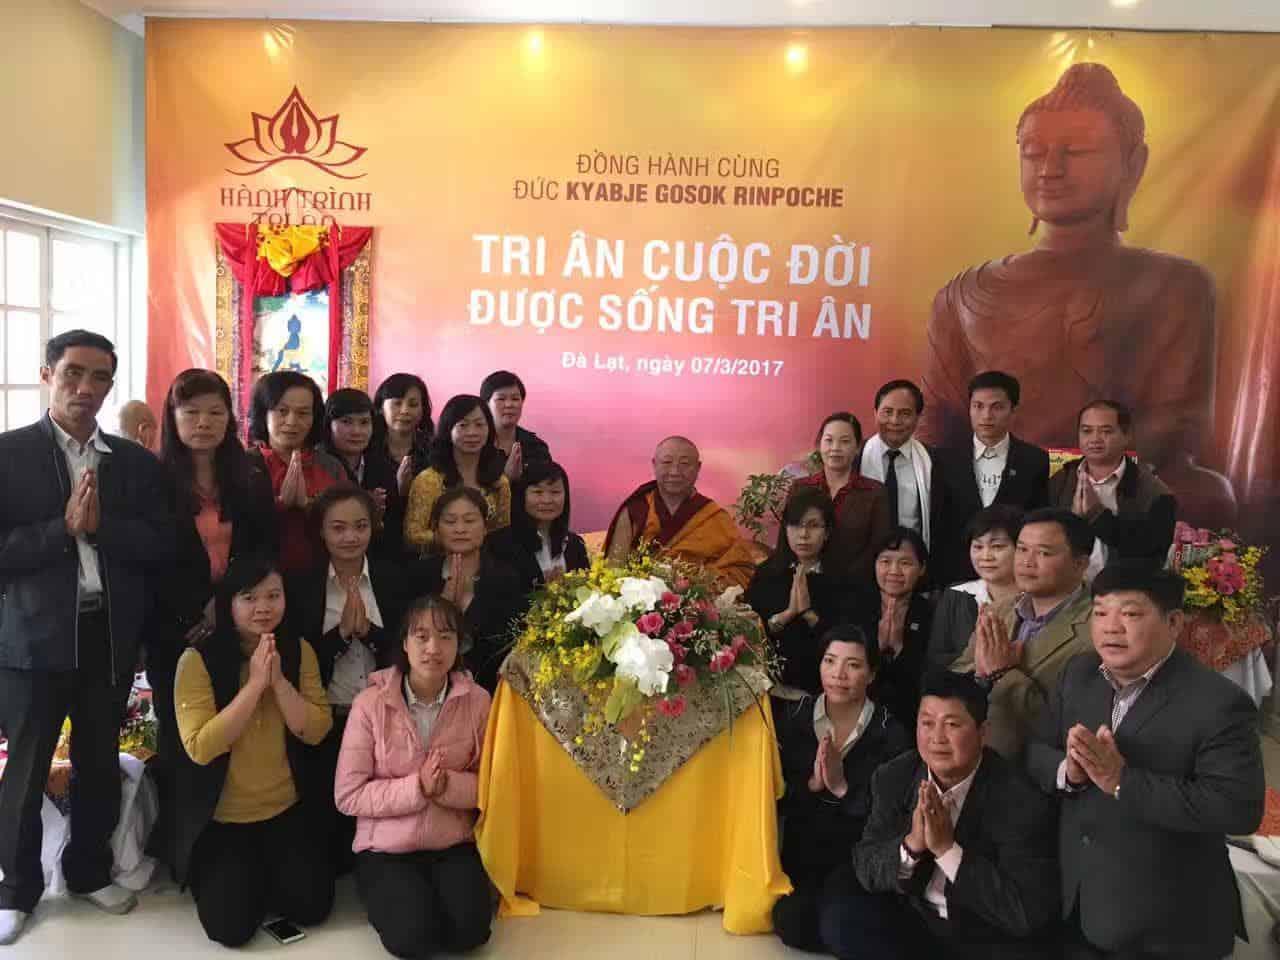 Gosok Rinpoche Vietnam 2017-03-07 9ed3e67fd211314960382f253577592